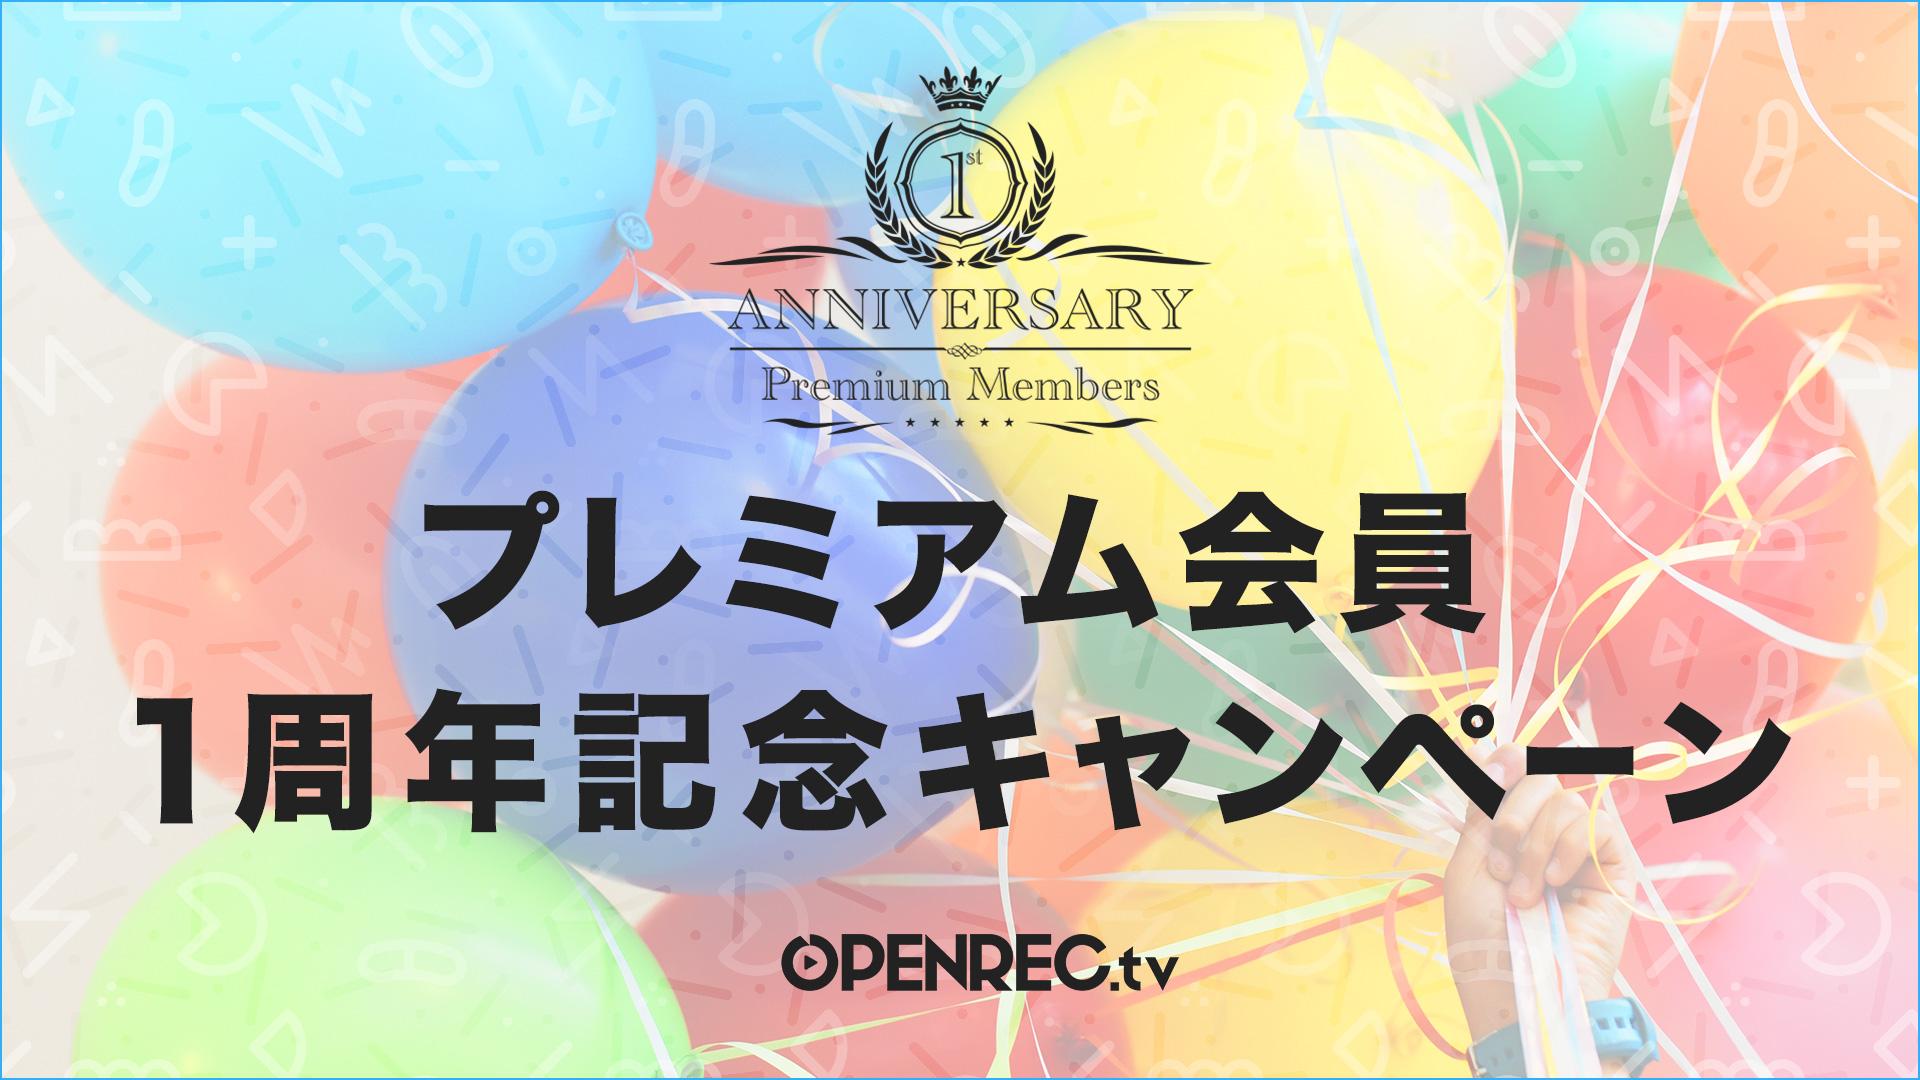 プレミアム会員1周年記念キャンペーンが11/21(火)より始まります!